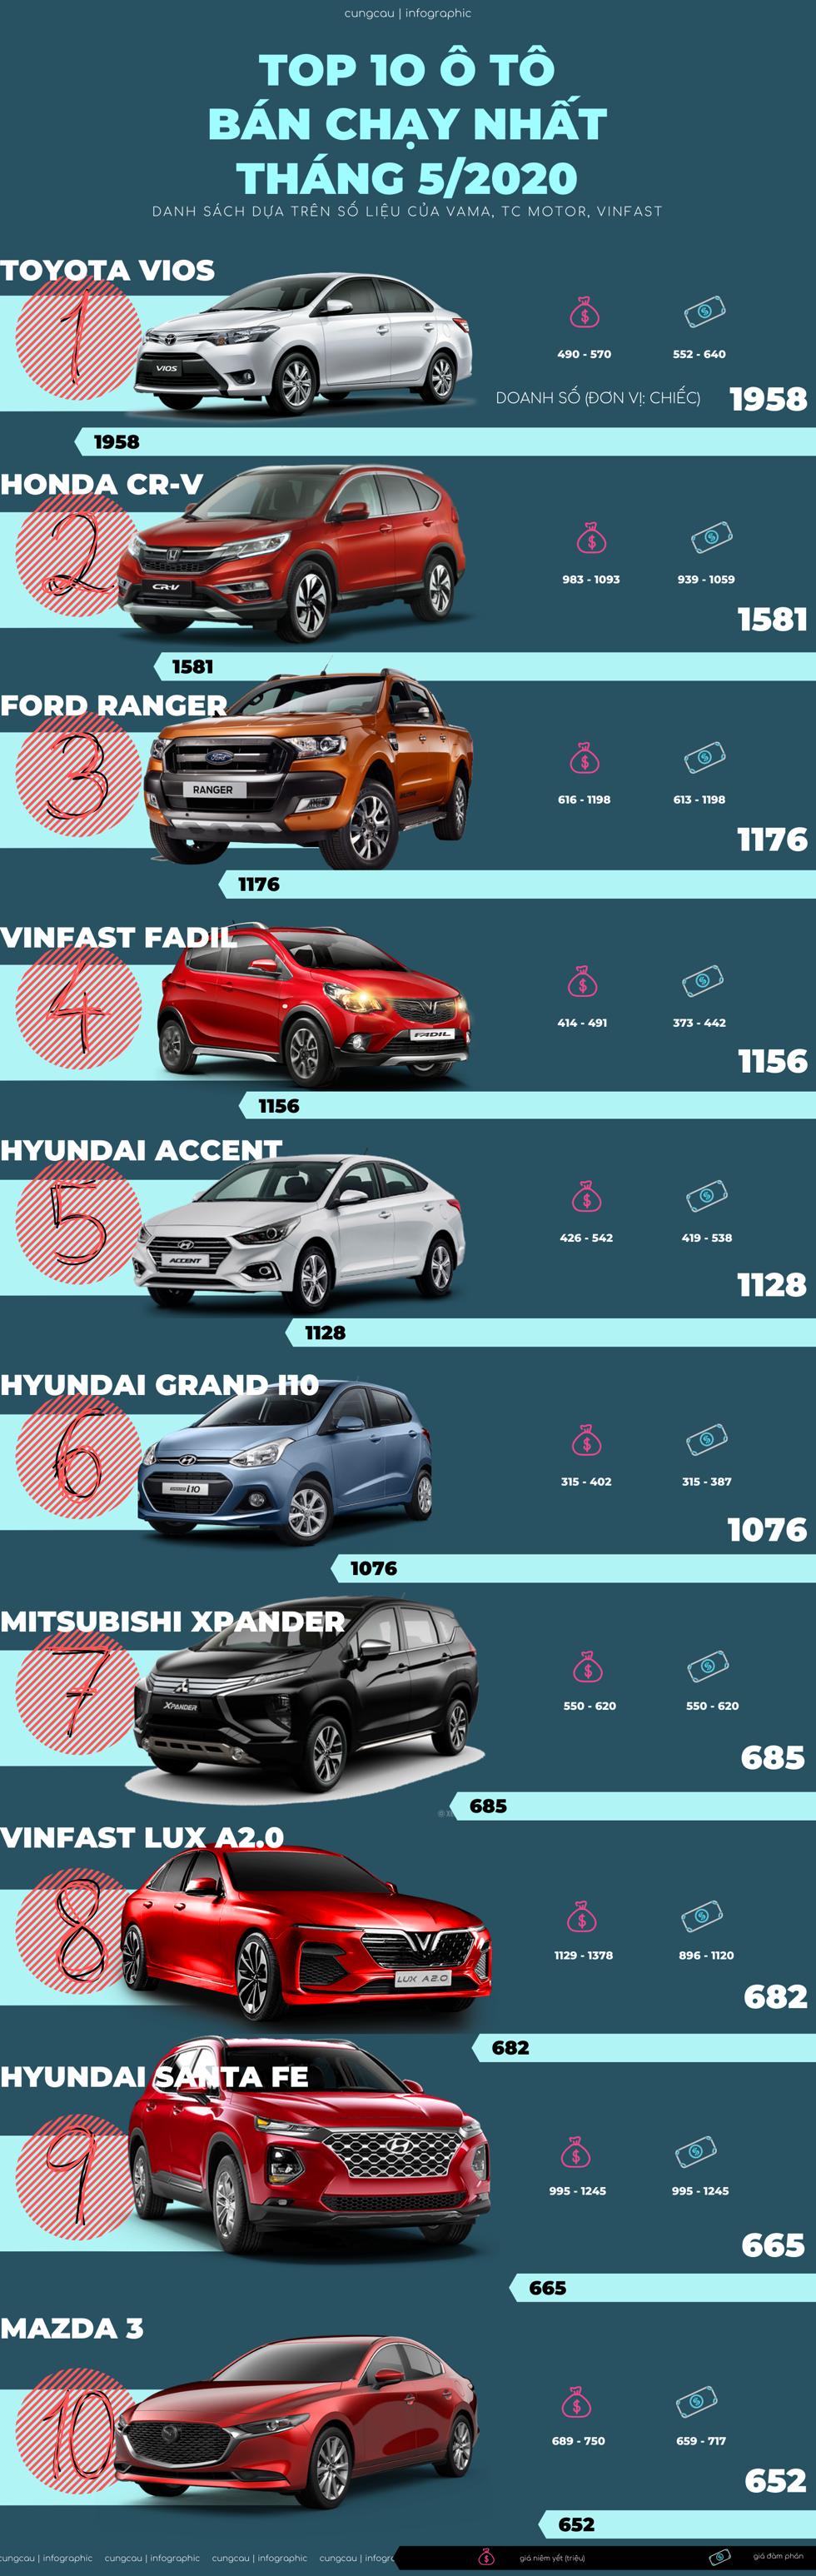 Ô tô nào bán chạy nhất tháng 5/2020?